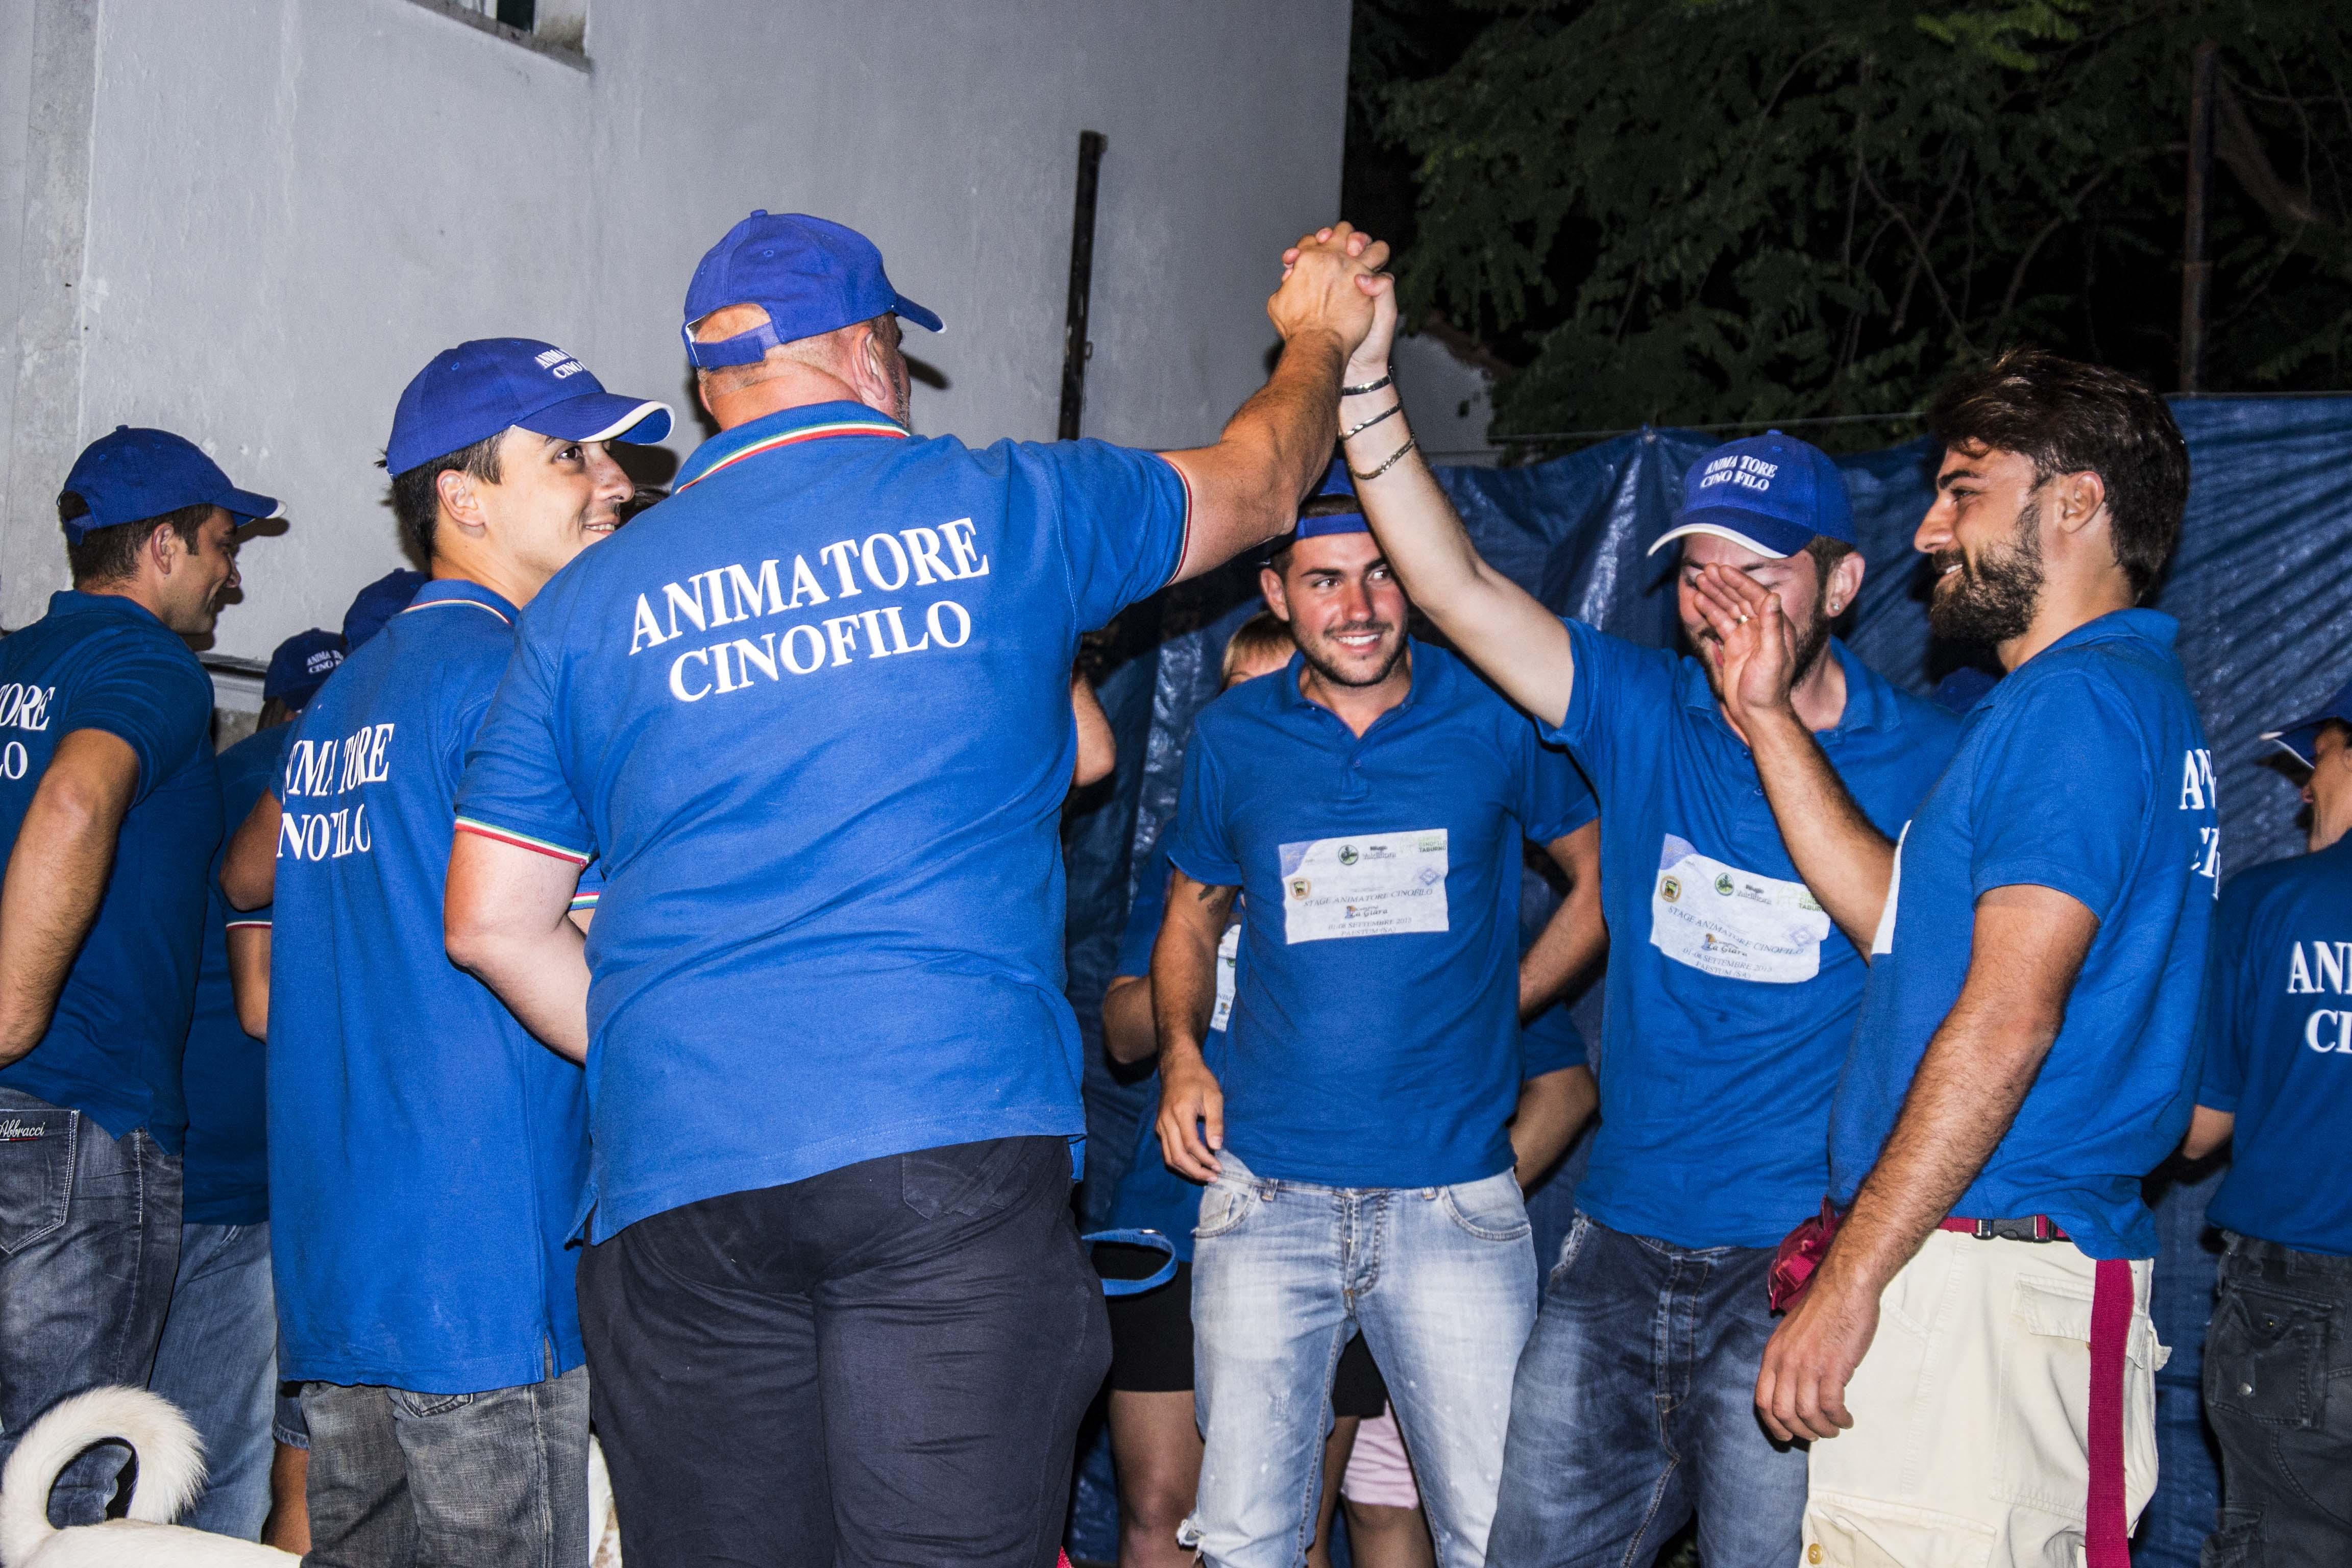 Il corso, ha la finalità di sperimentare una serie di attività da proporre in ambito turistico/alberghiero, mediante formazione di addestratori cinofili riconosciuti Enci.